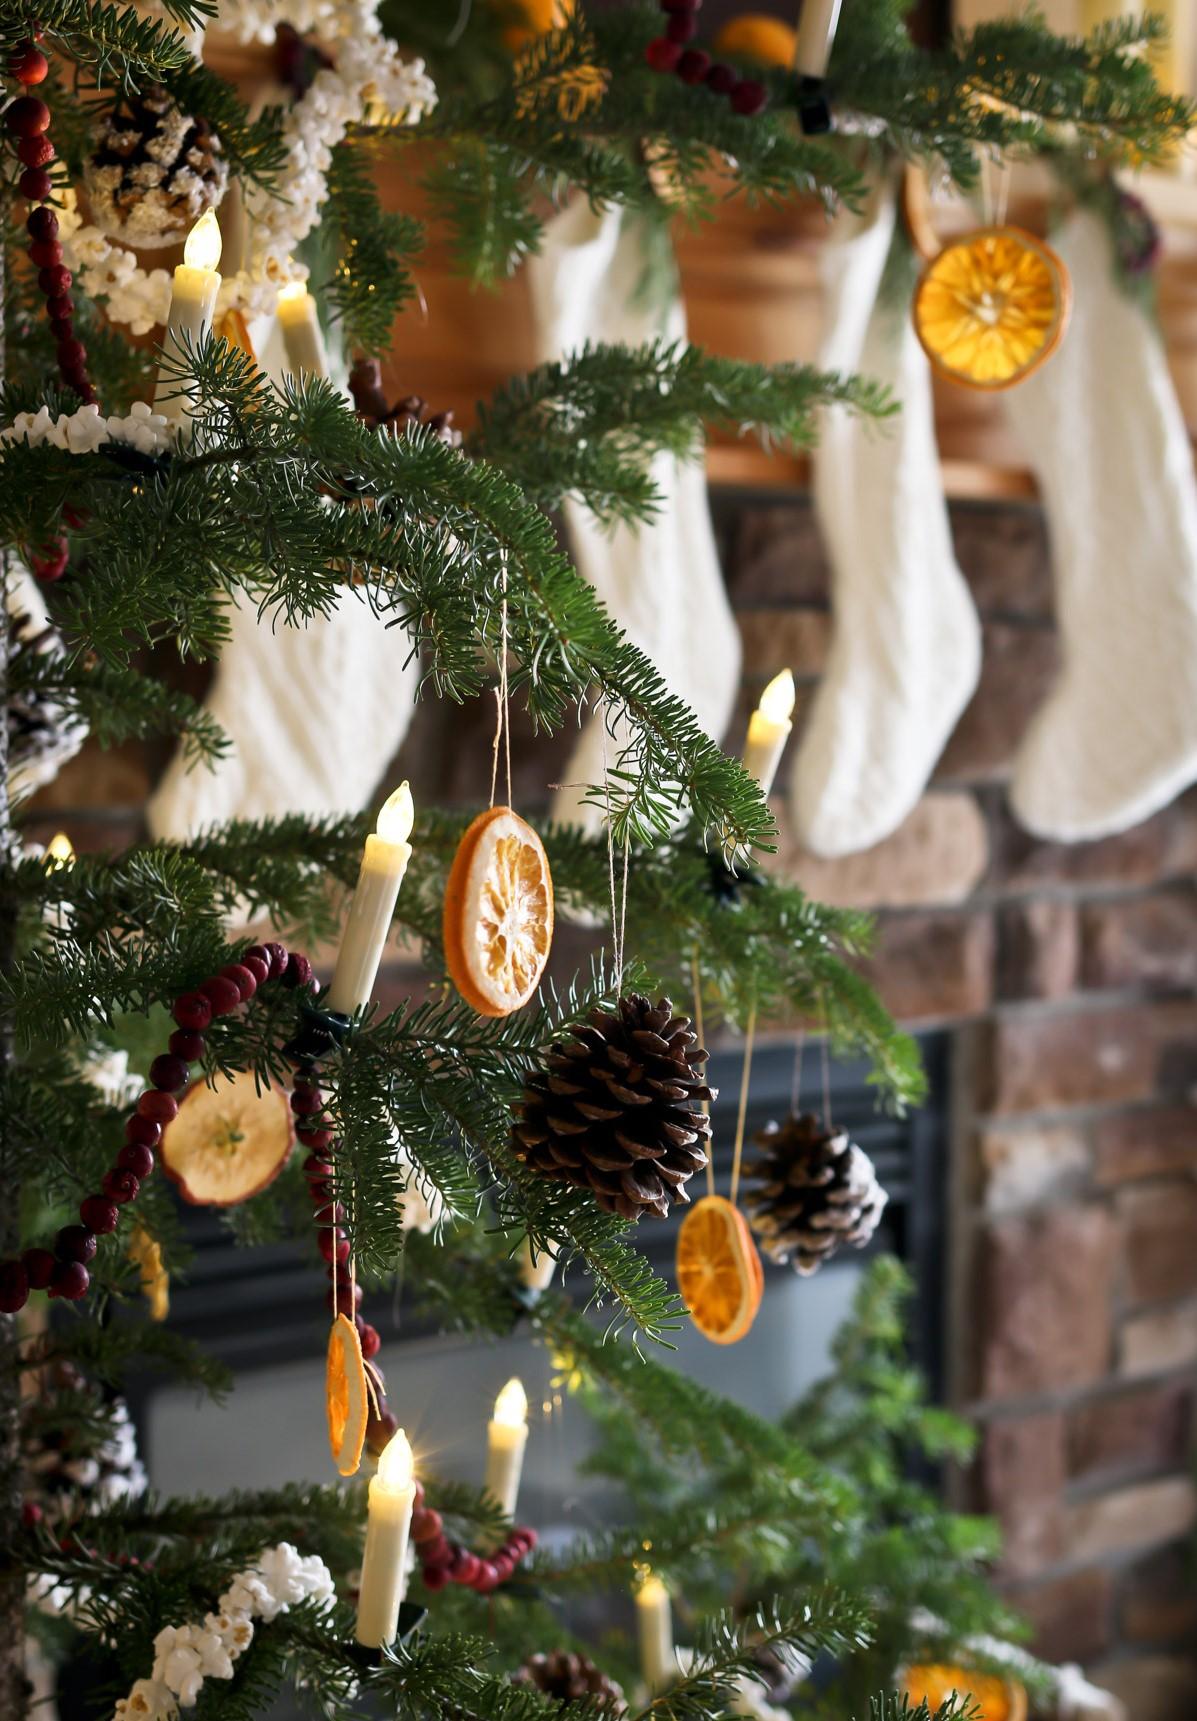 Décoration de Noël naturelle: utilisez des morceaux d'orange séchée pour le sapin de Noël.